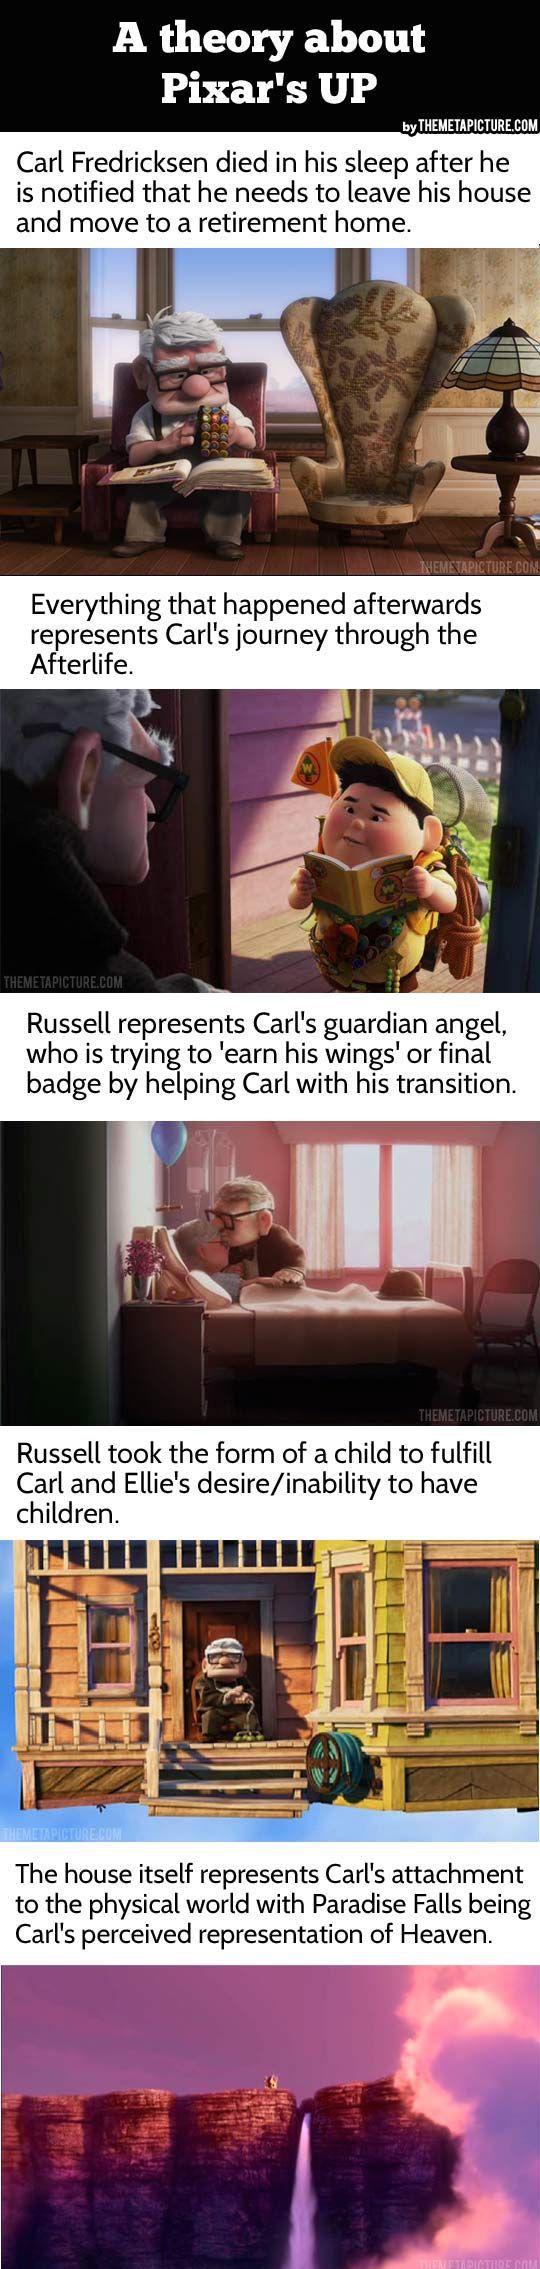 pixar up theory